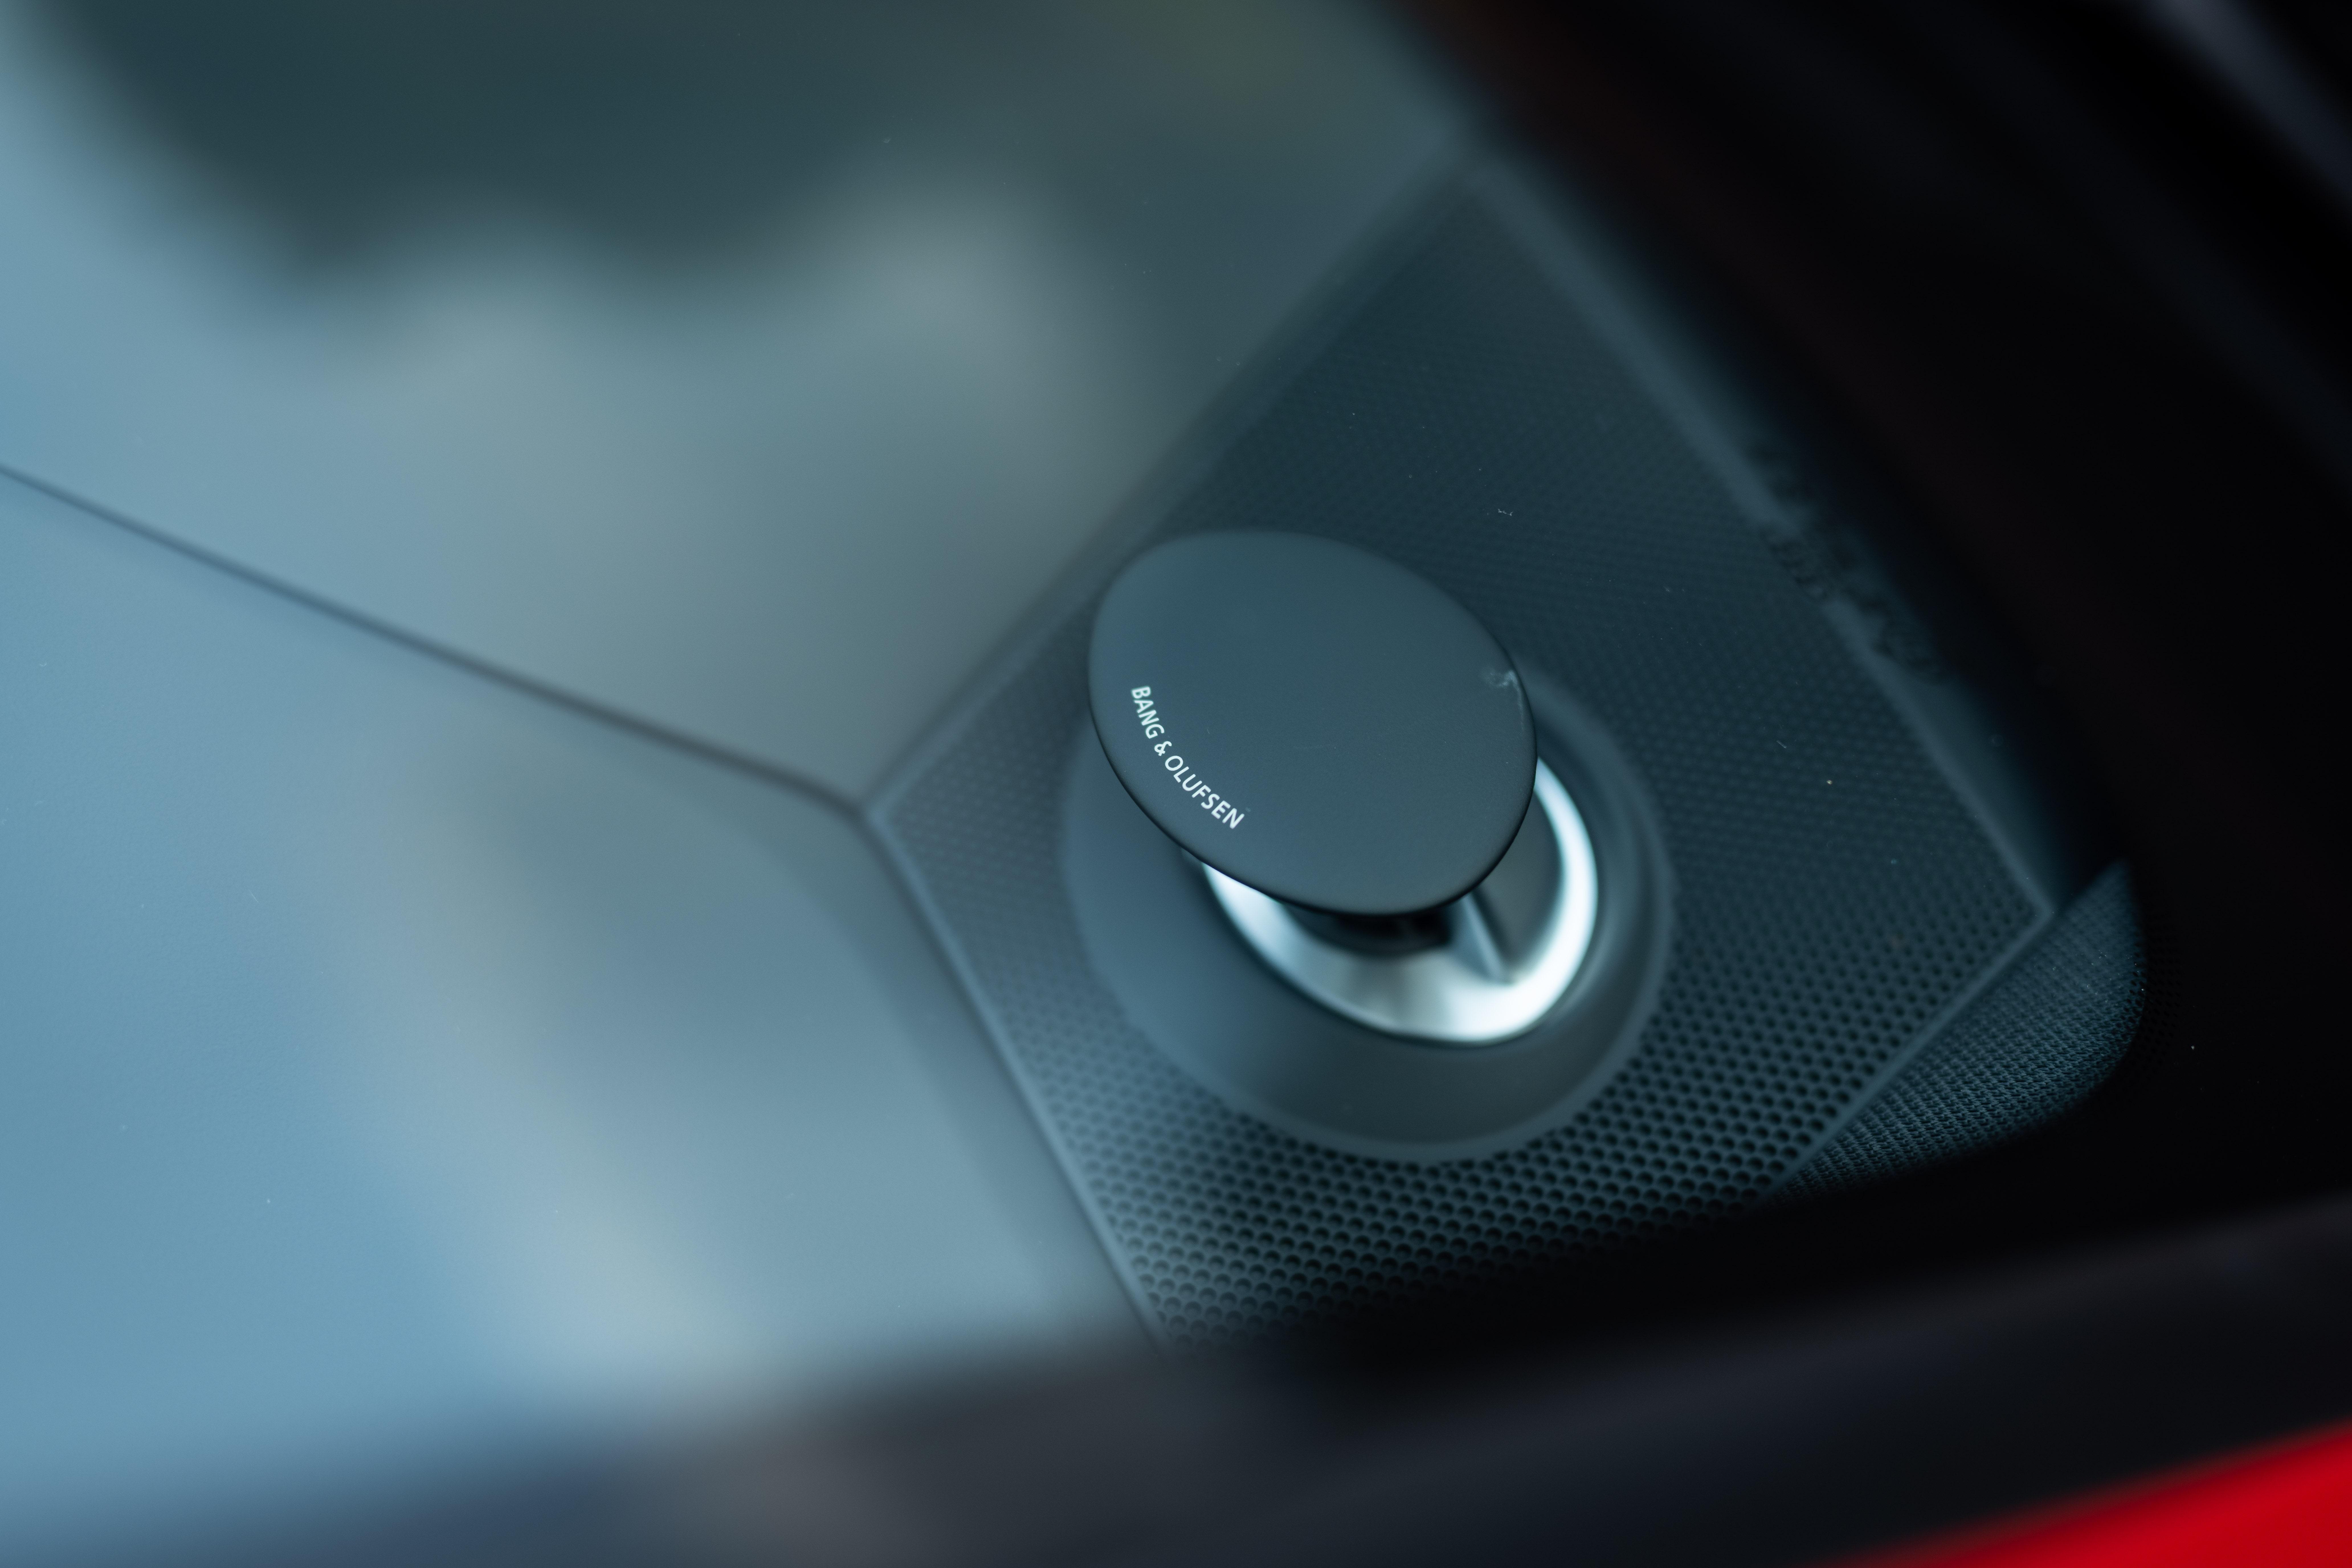 ステーションワゴンのかたちをしたスーパーカーだ!──新型アウディRS6アヴァント試乗記